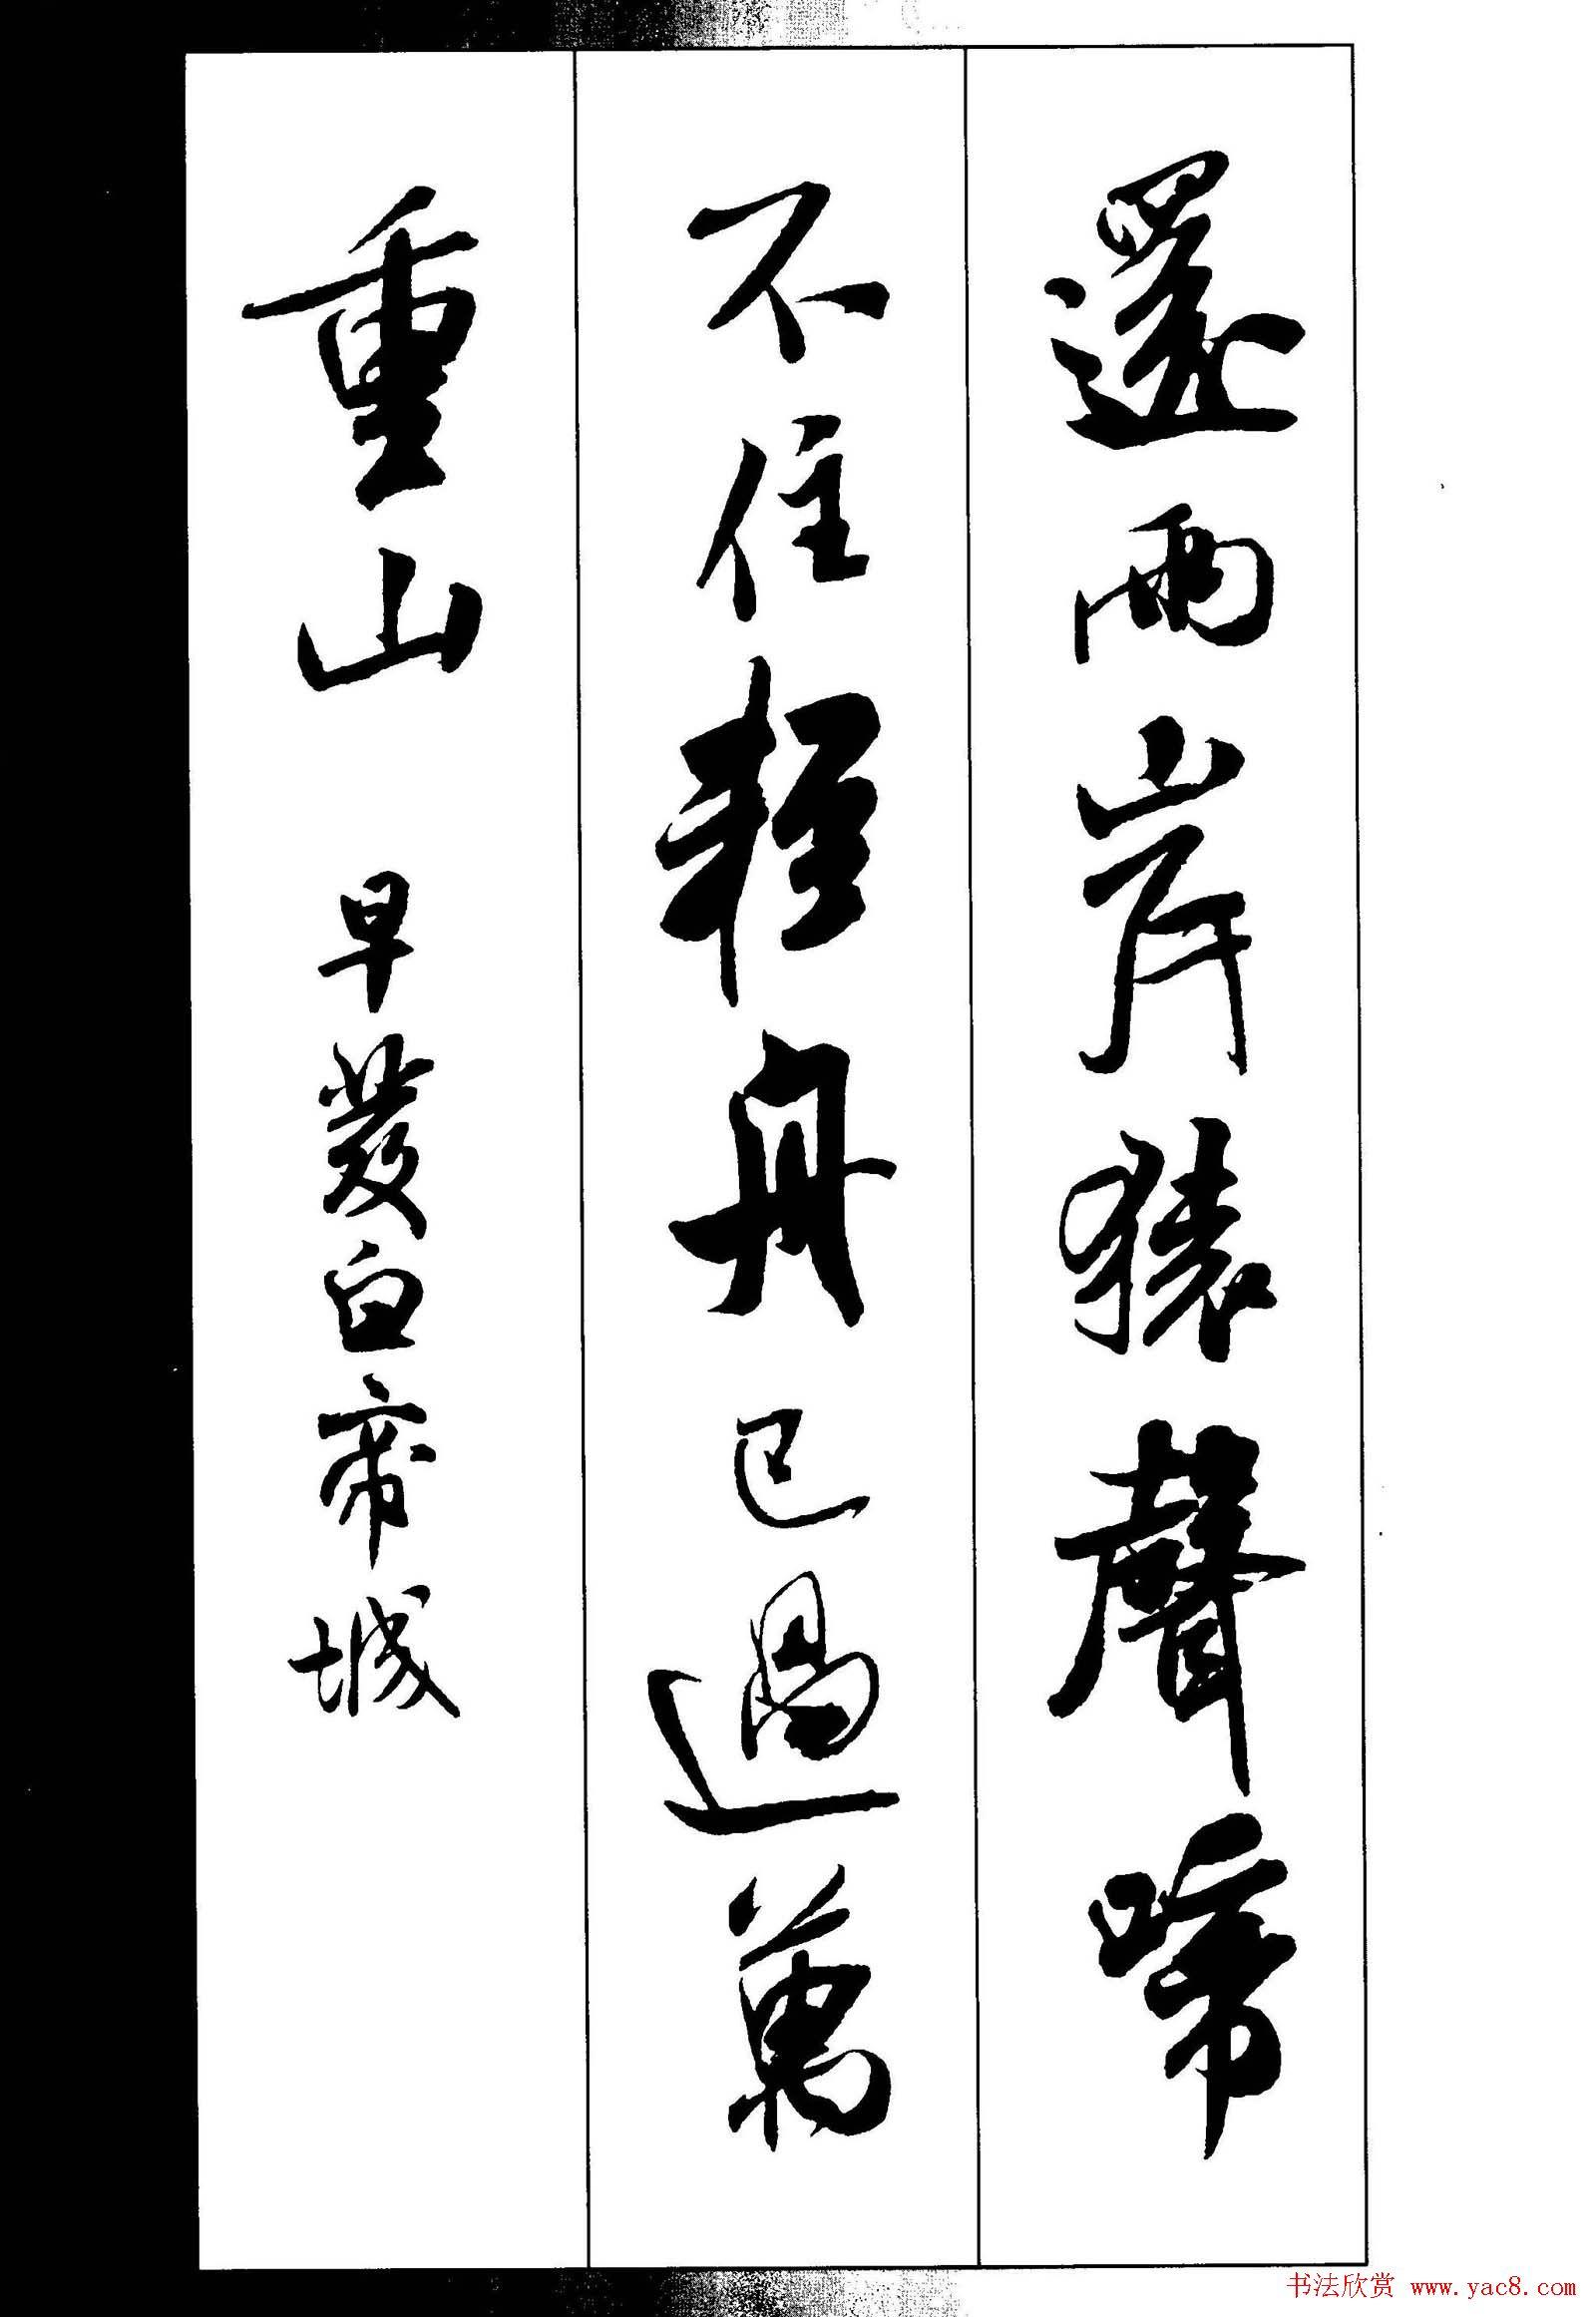 新概念書法字帖《米芾行書墨跡集字古詩》(13)圖片